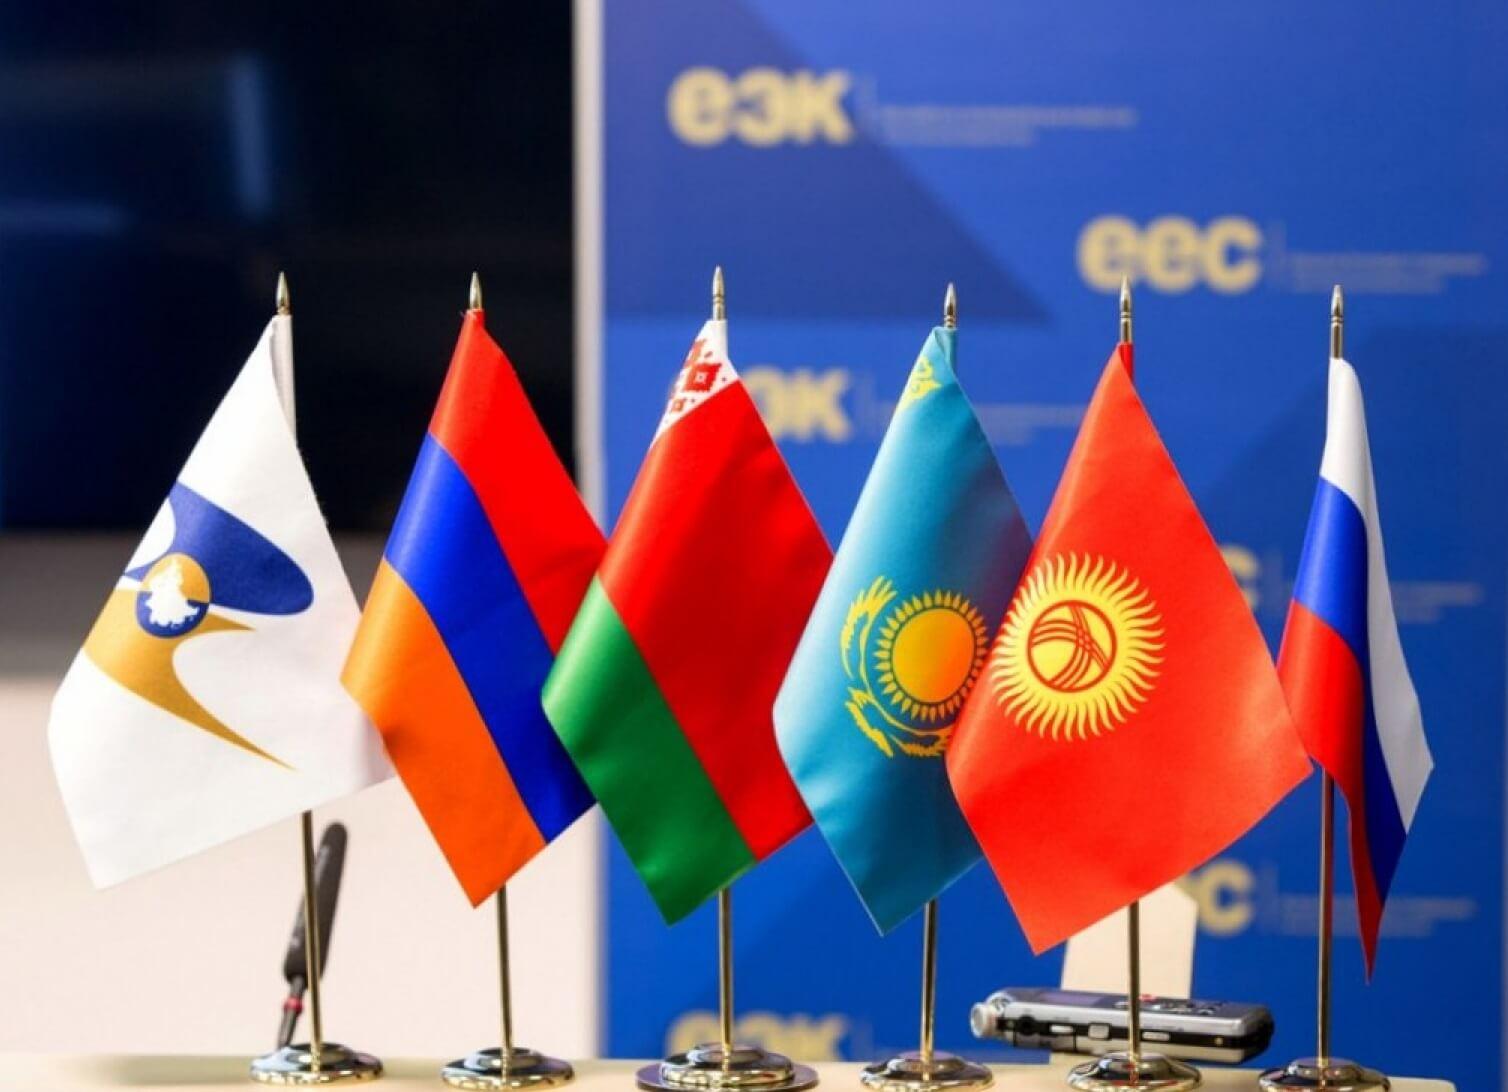 Состоялось пятое заседание Совета руководителей органов по аккредитации государств – членов ЕАЭС